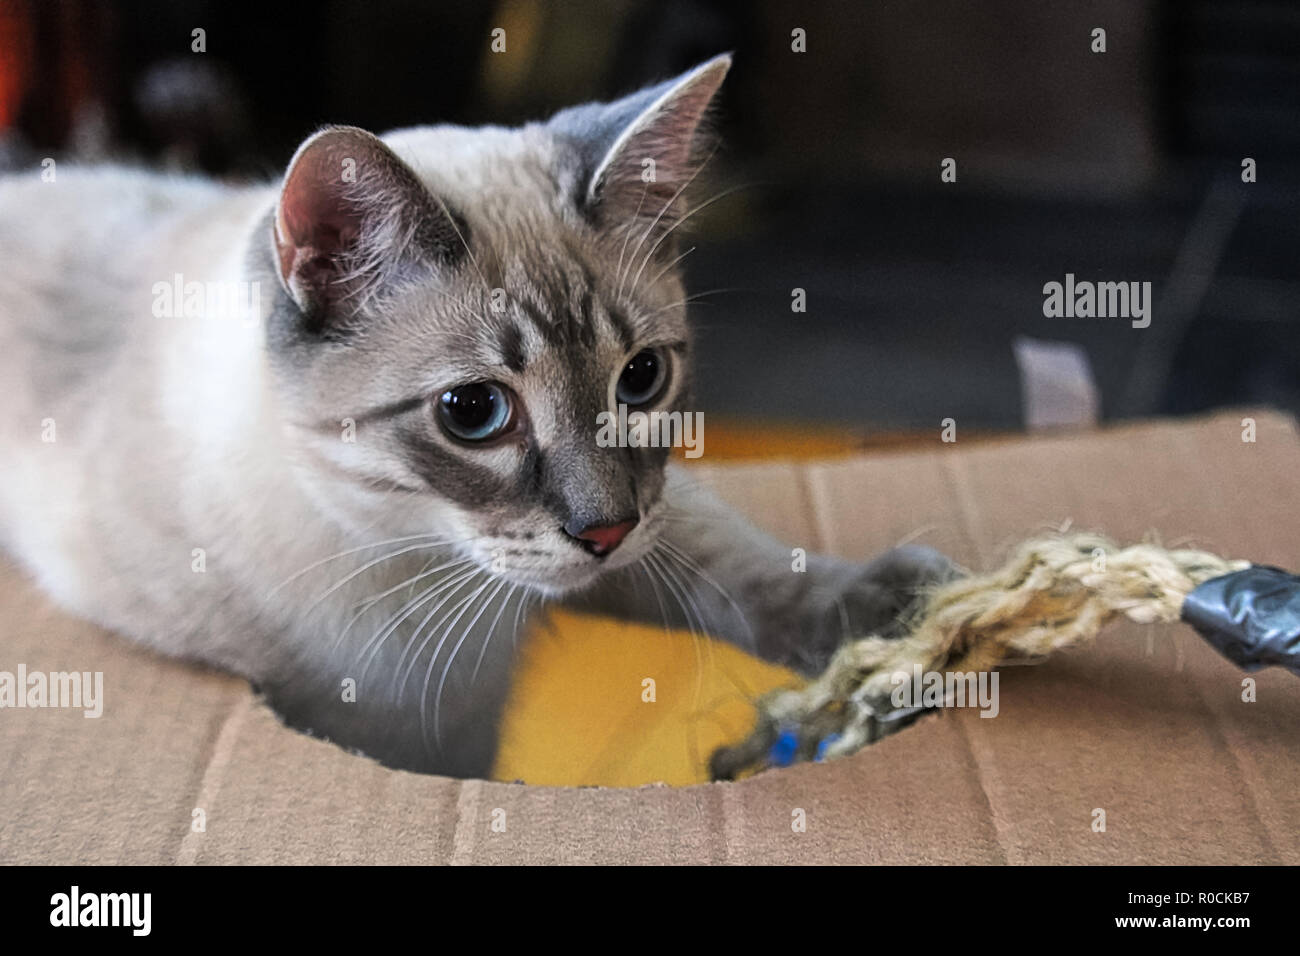 Um gatinho brincalhão joga com uma corda em uma caixa de papelão Imagens de Stock